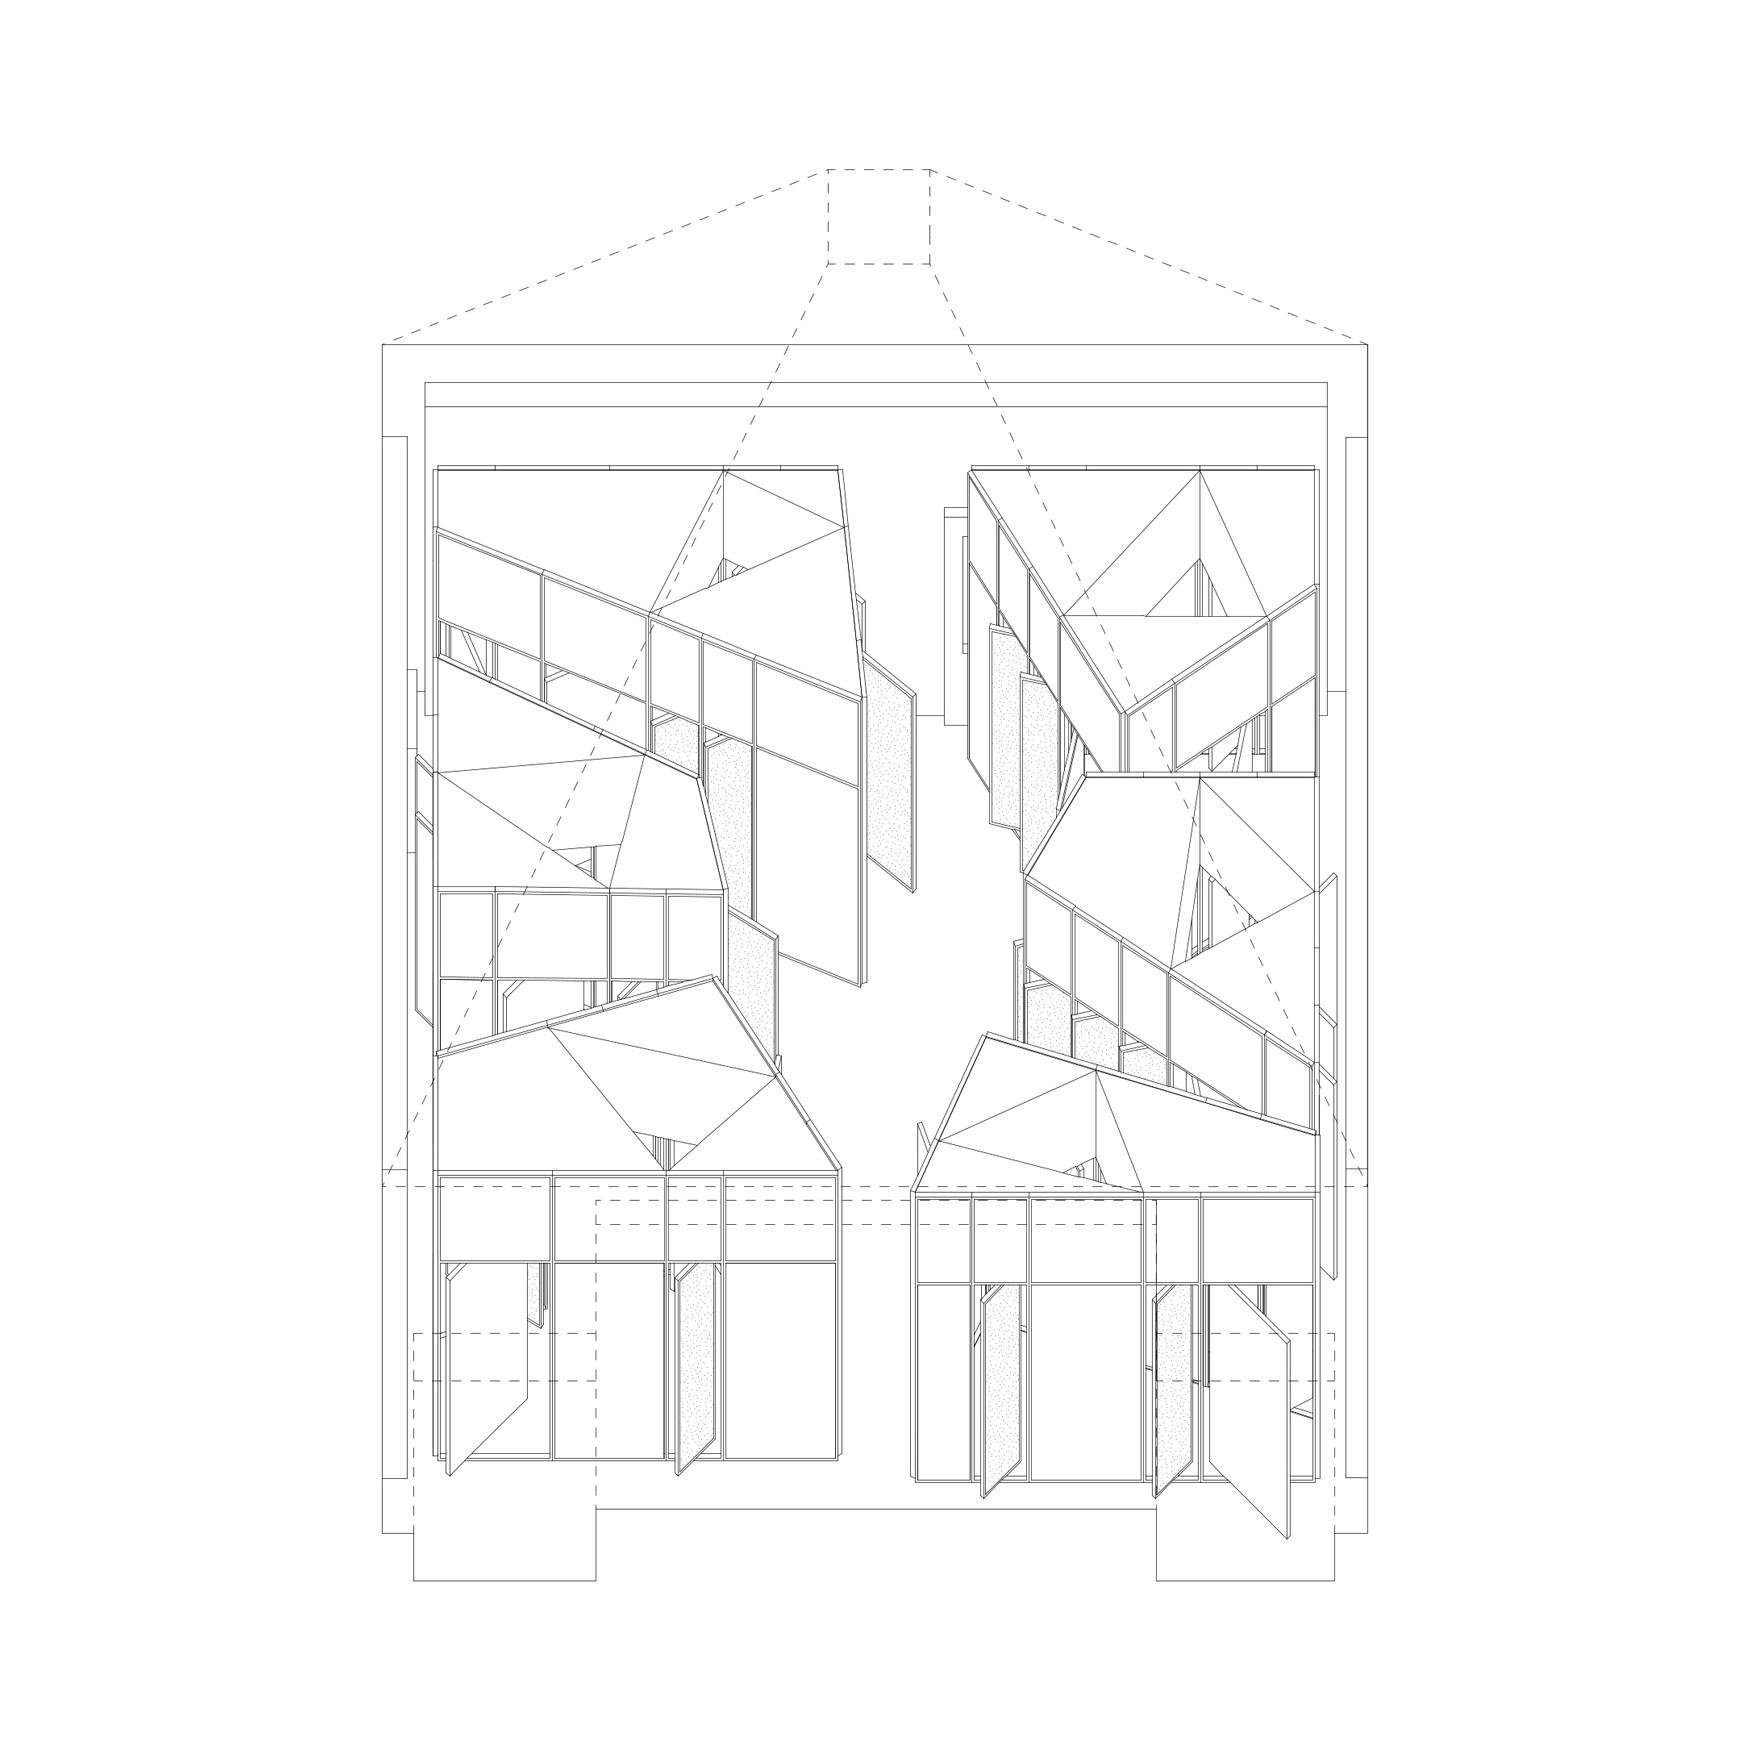 1401_SK_01-Oblique-Overview-01_p2-(web-edit).jpg